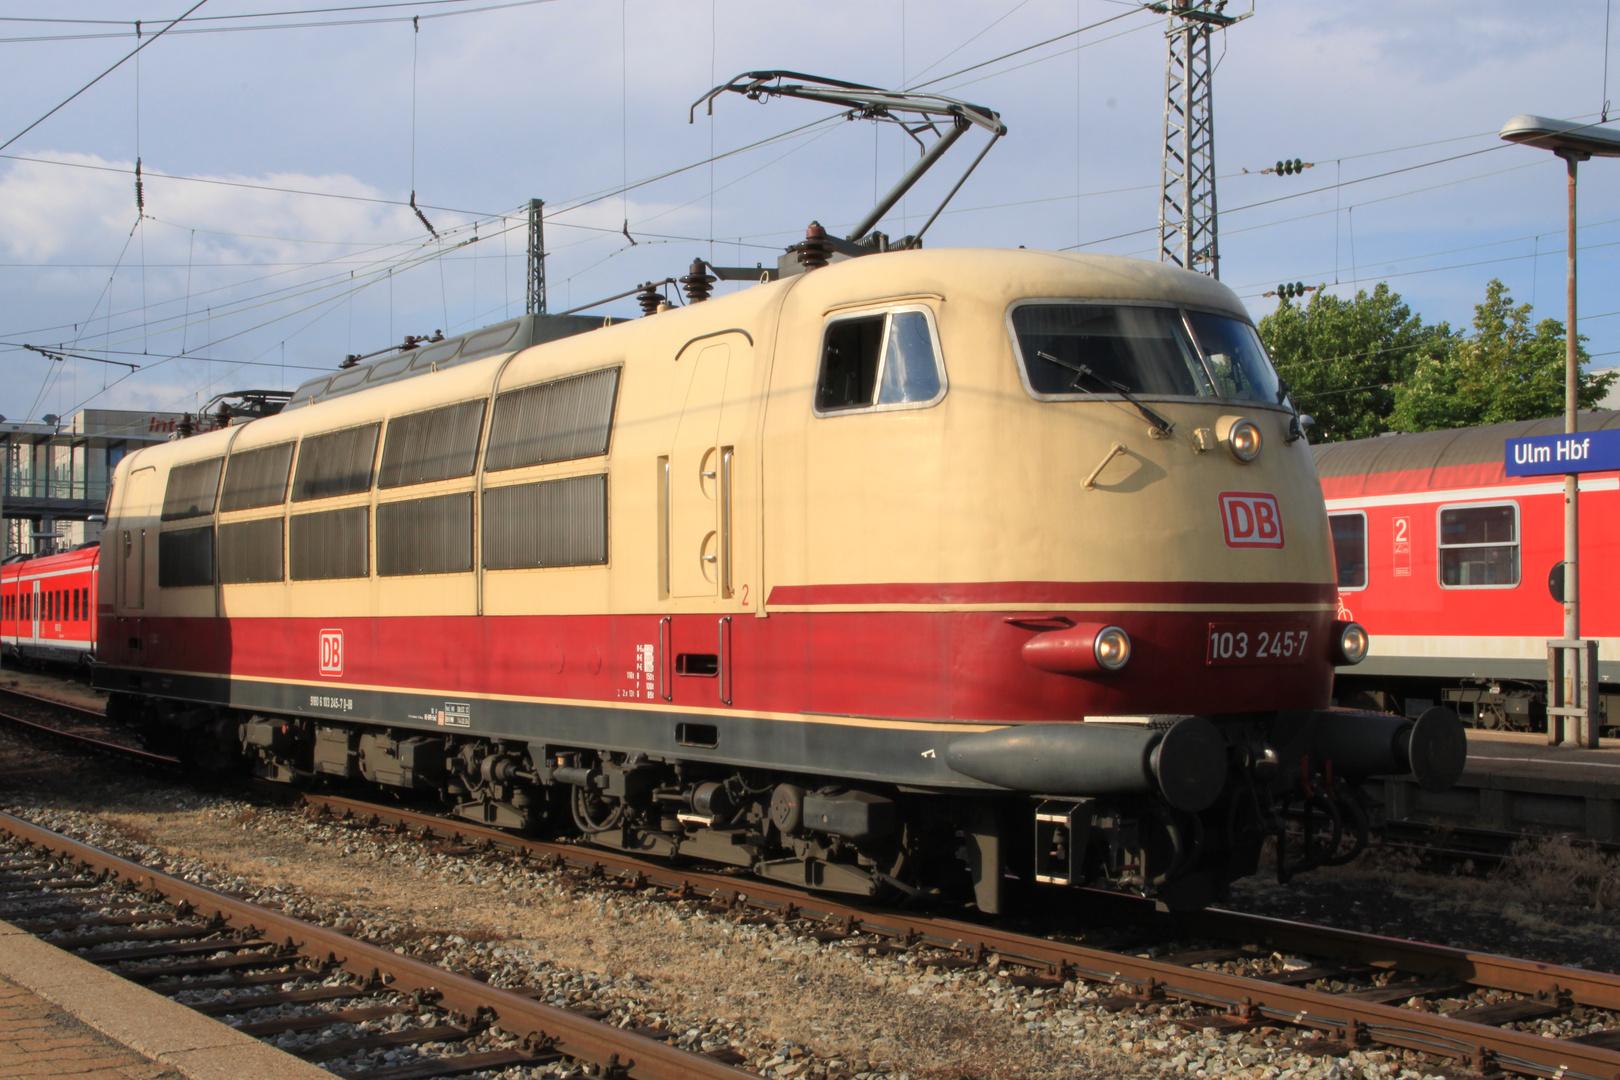 IC 2094 mit 103 245-7 in Ulm Hbf am 01.07.2011